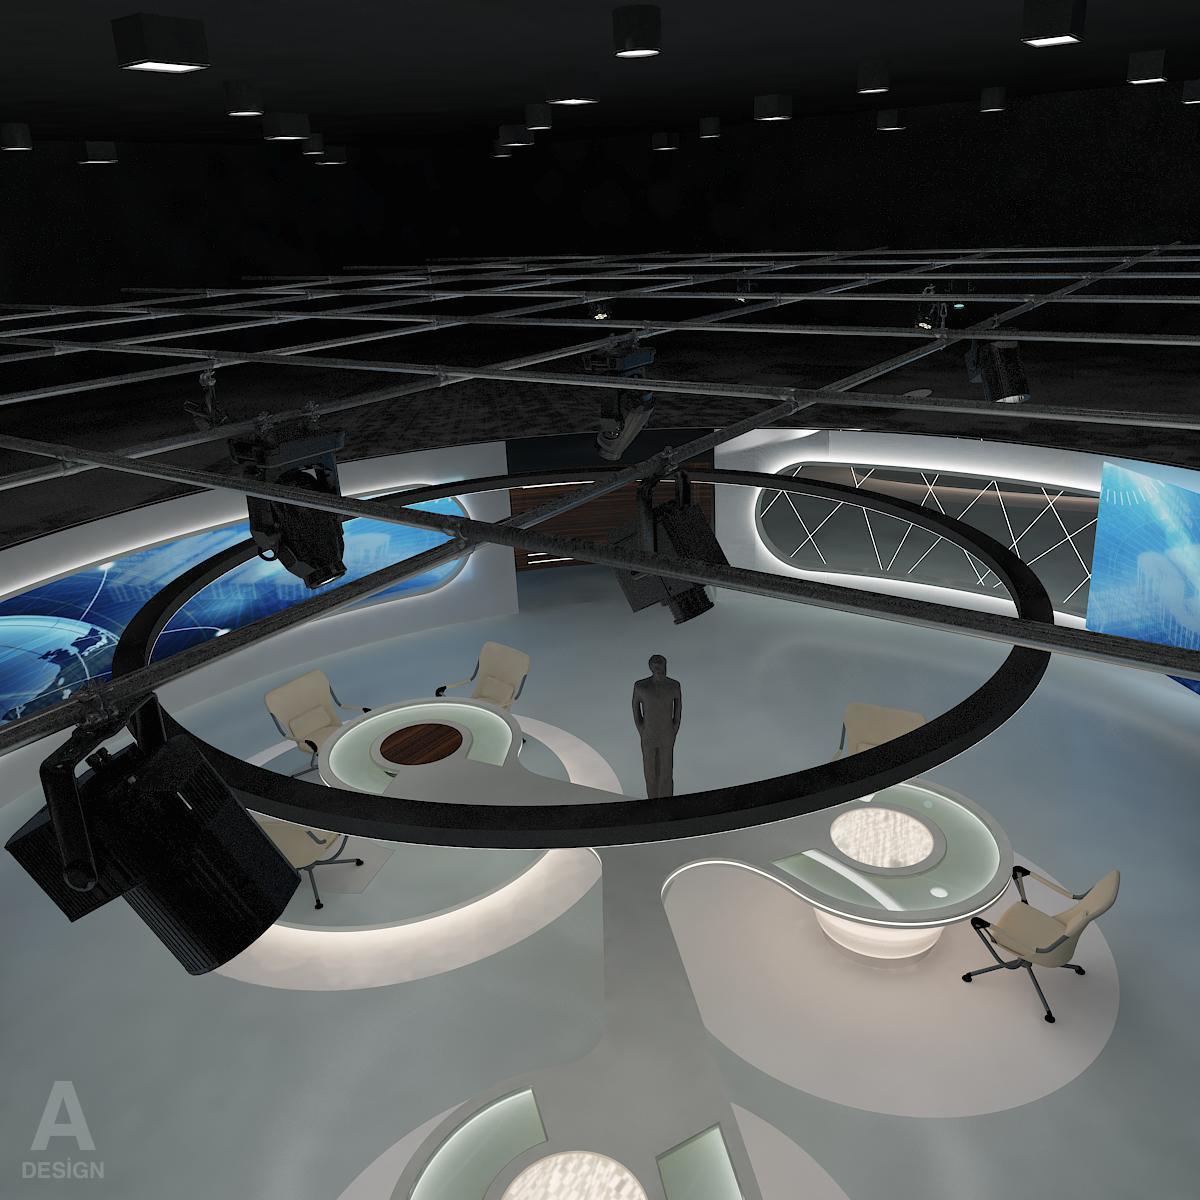 виртуал өргөн нэвтрүүлгийн телевизийн мэдээллийн студи 028 3d загвар max dxf fbx бүтэцтэй obj 215576